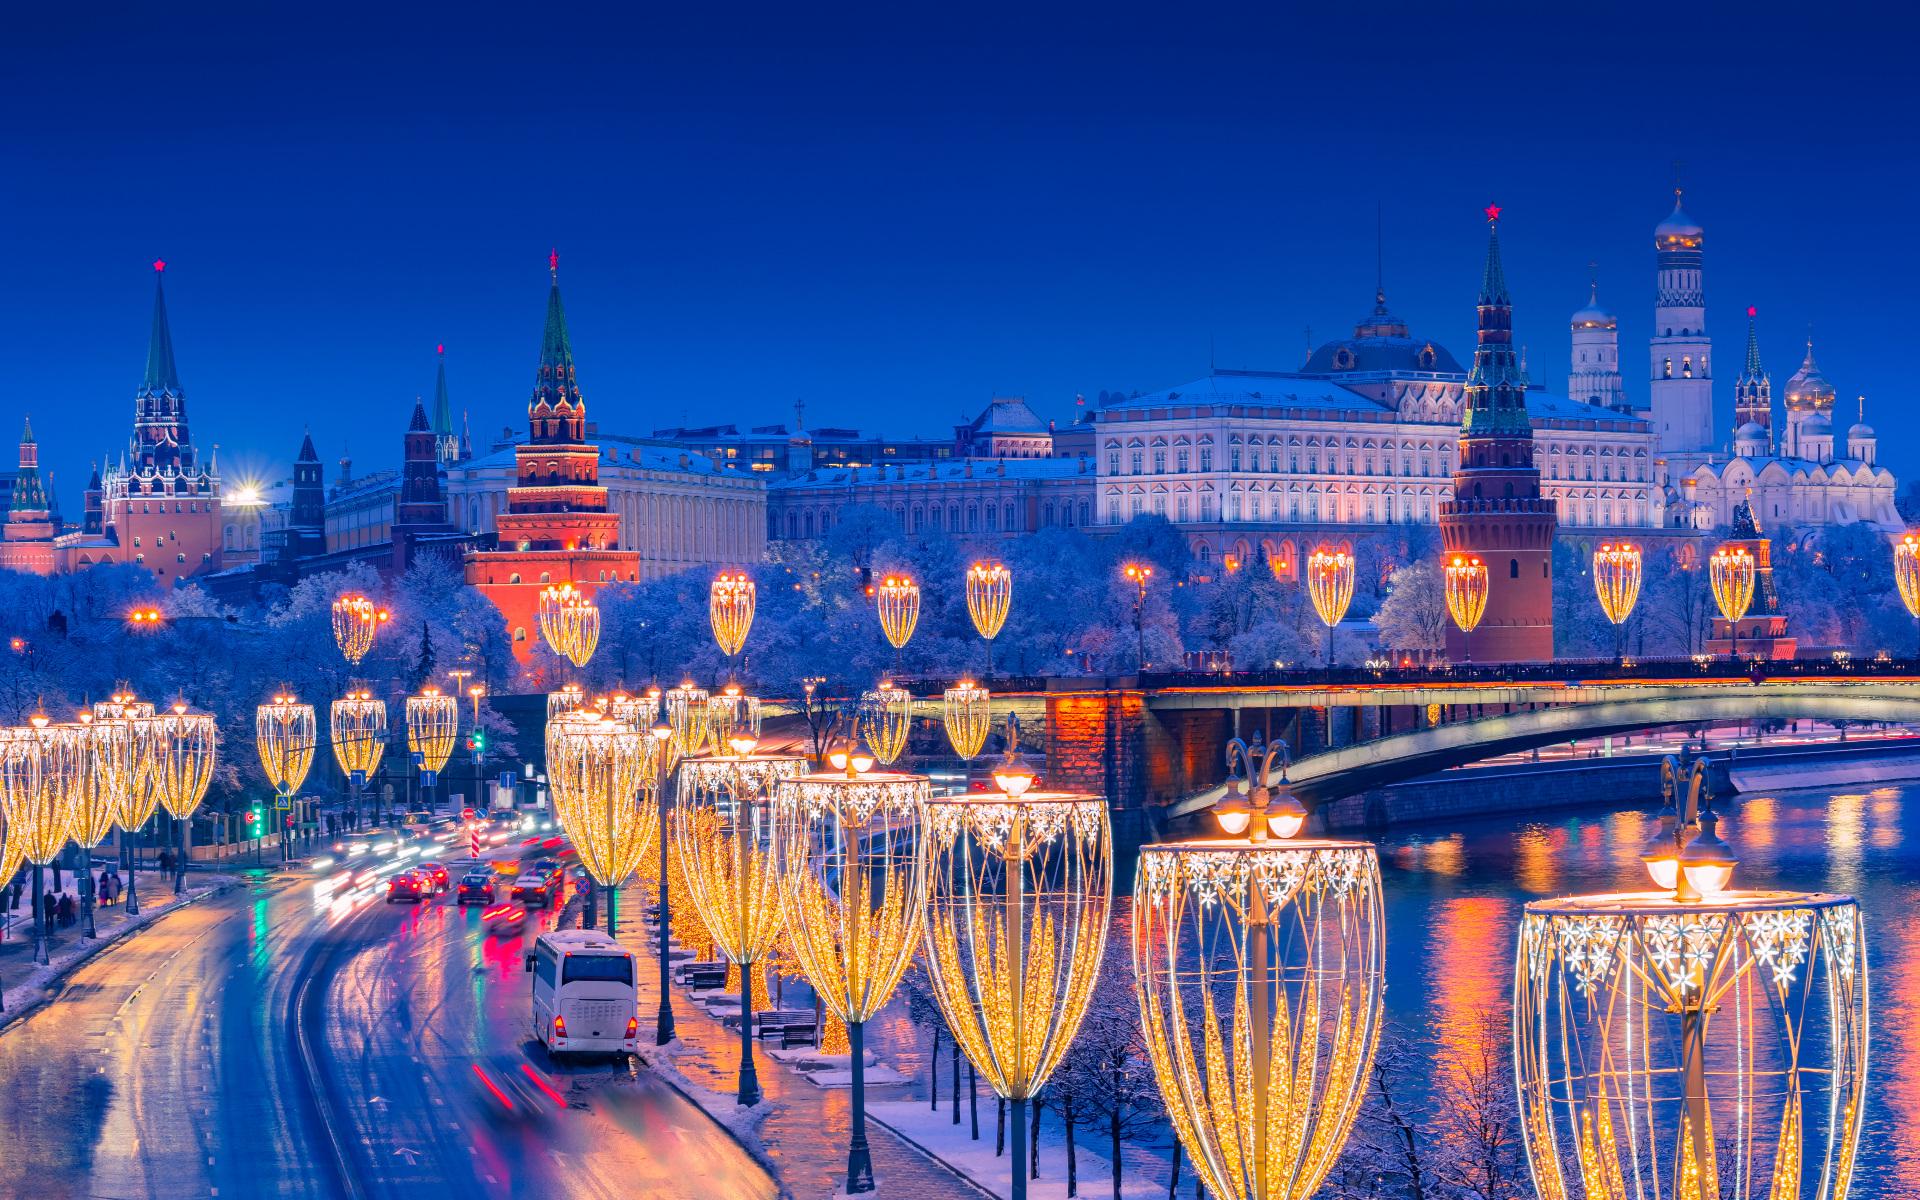 Knight Frank оценила расходы москвичей на покупку элитного жилья в 2020-м